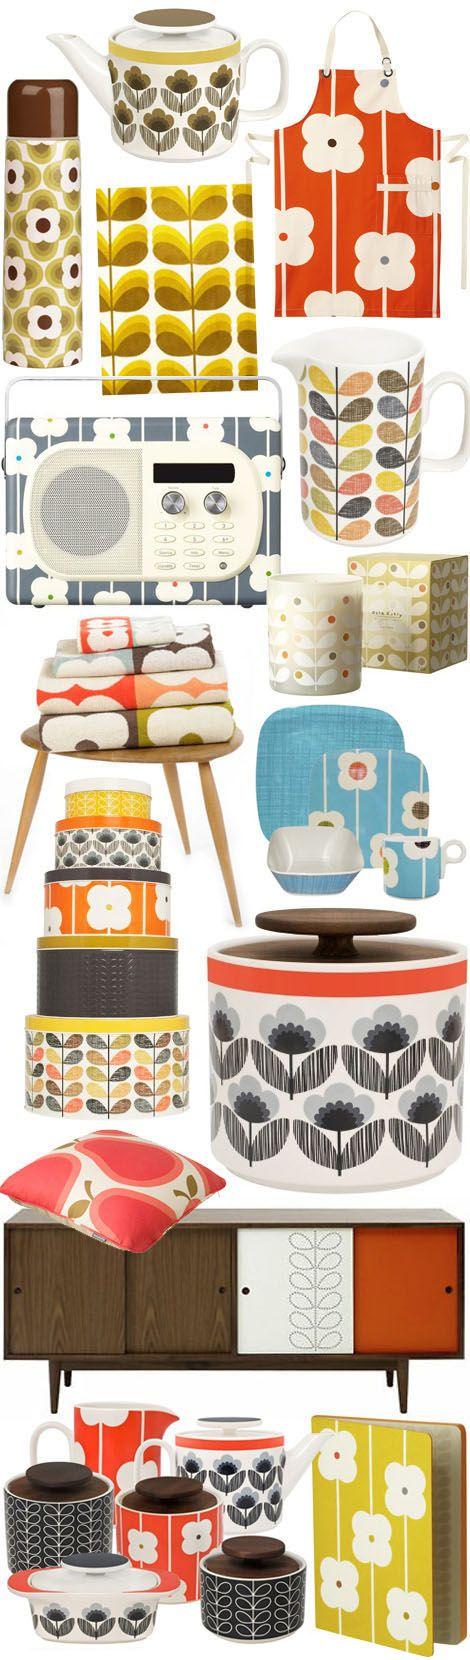 vaisselle et accessoires de cuisine Orla Kiely idée deco